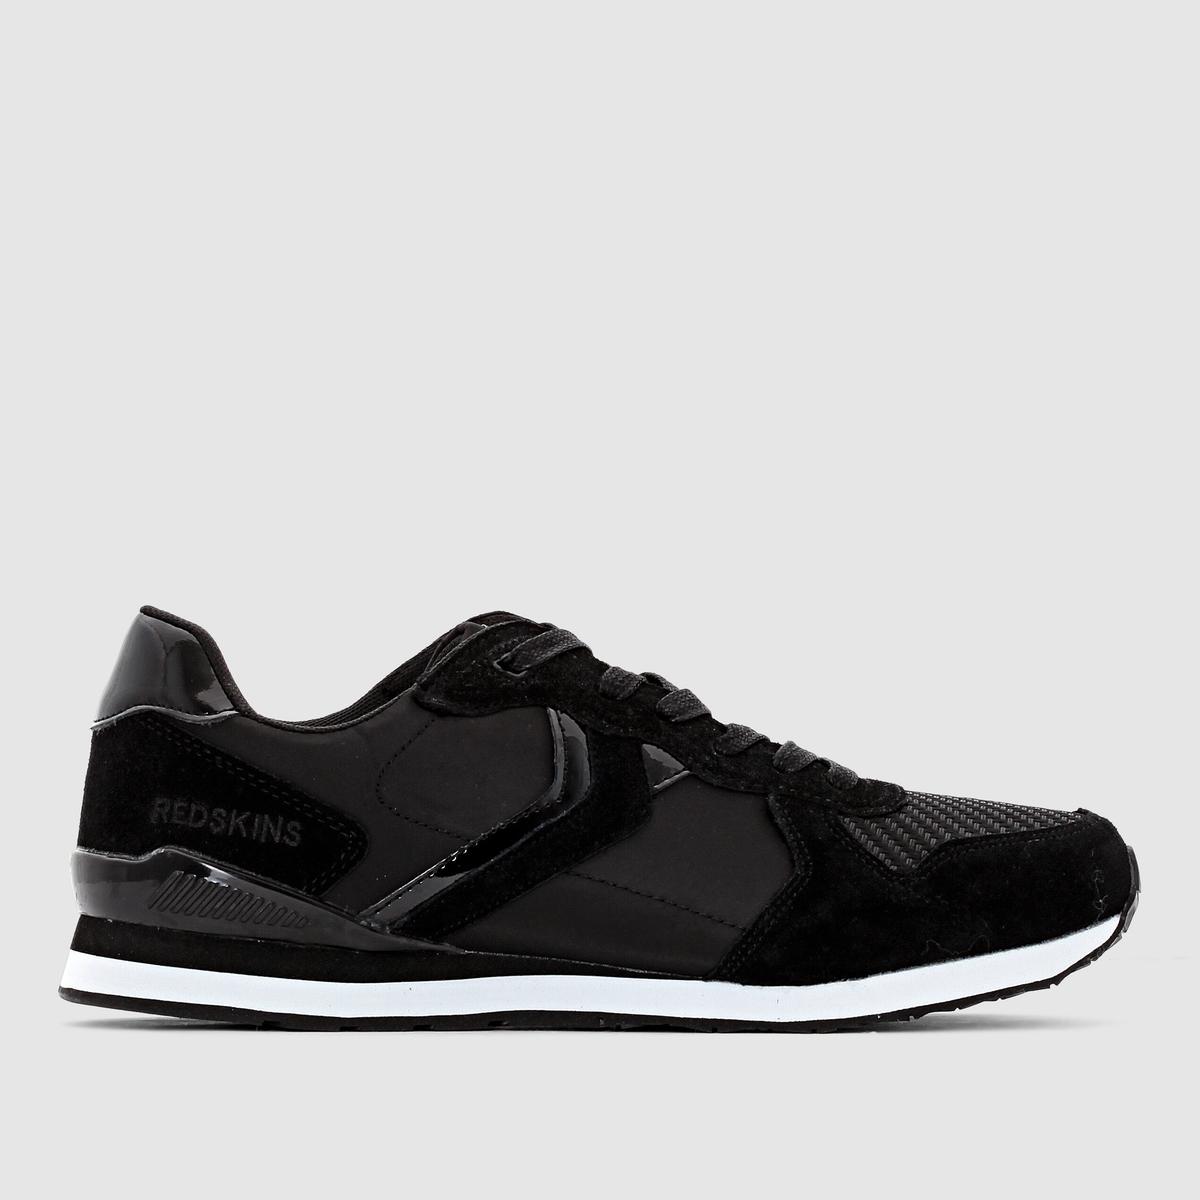 Кроссовки низкие Redskins JUBINOМарка Redskins, владея искусством смешивать разные стили, не теряя при этом индивидуальность, присущую каждой ее коллекции, предлагает нам обувь в свободном и непринужденном стиле. Воспользуйтесь этим, остановившись на модели Jubino!<br><br>Цвет: черный<br>Размер: 45